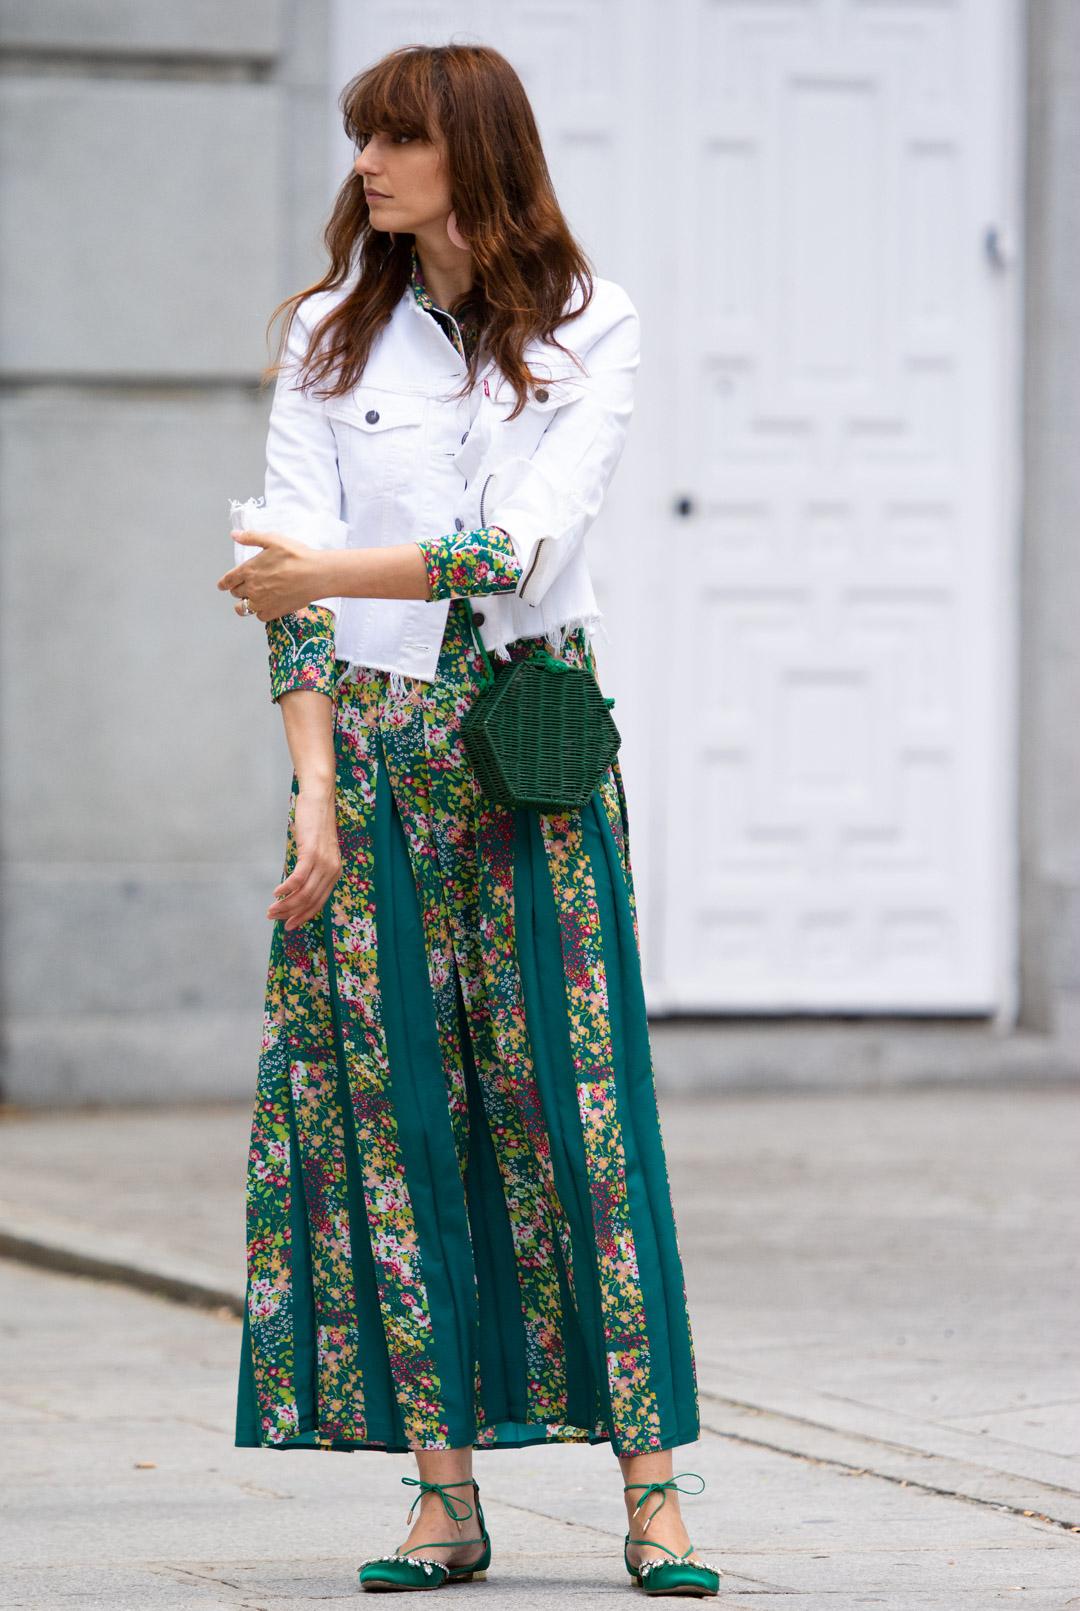 vestido-verde-street-style-mayte-de-la-iglesia-web-01